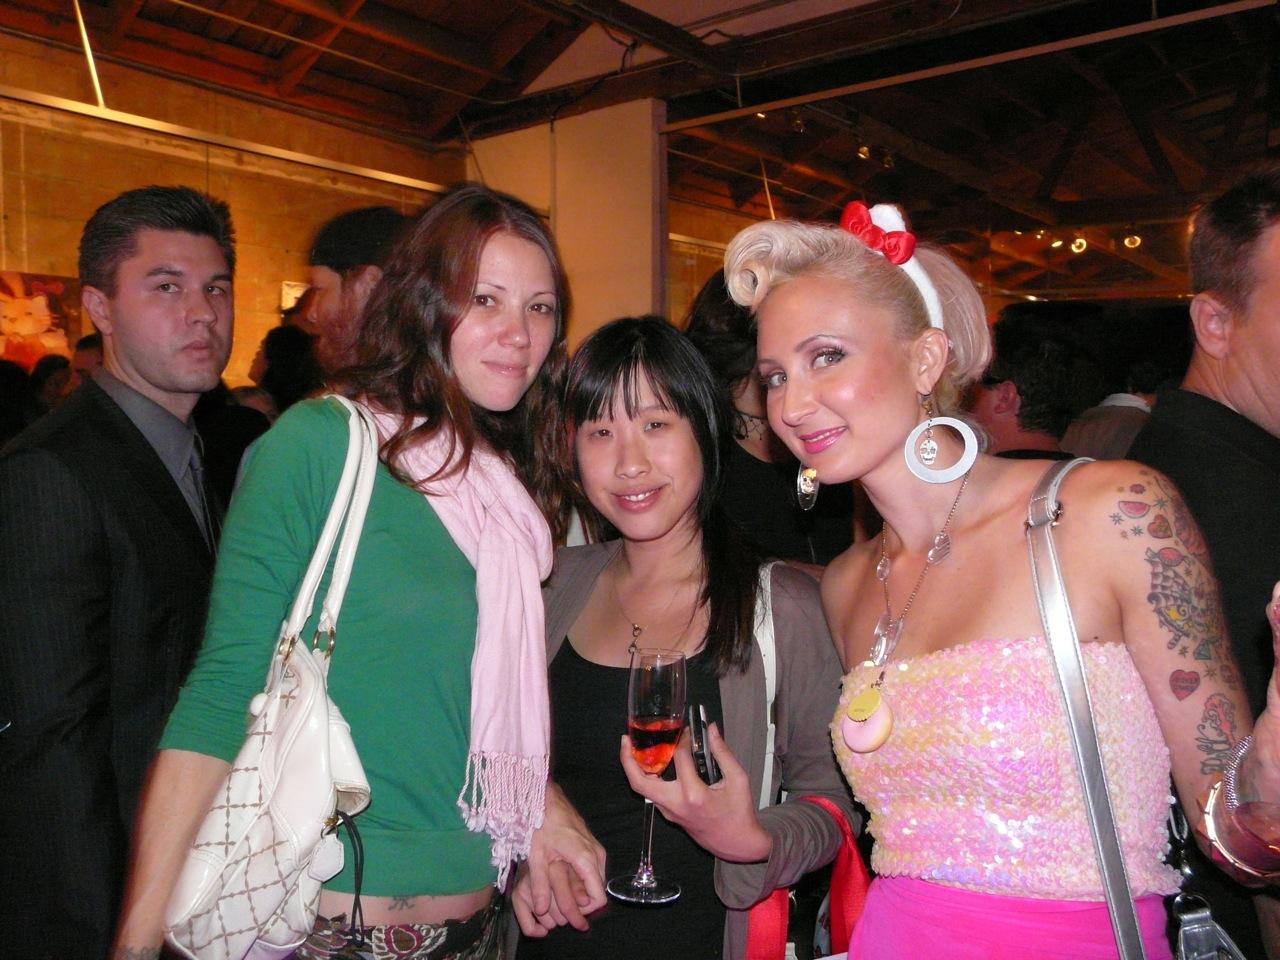 Lola, Kim Chueh, Natalia Fabia